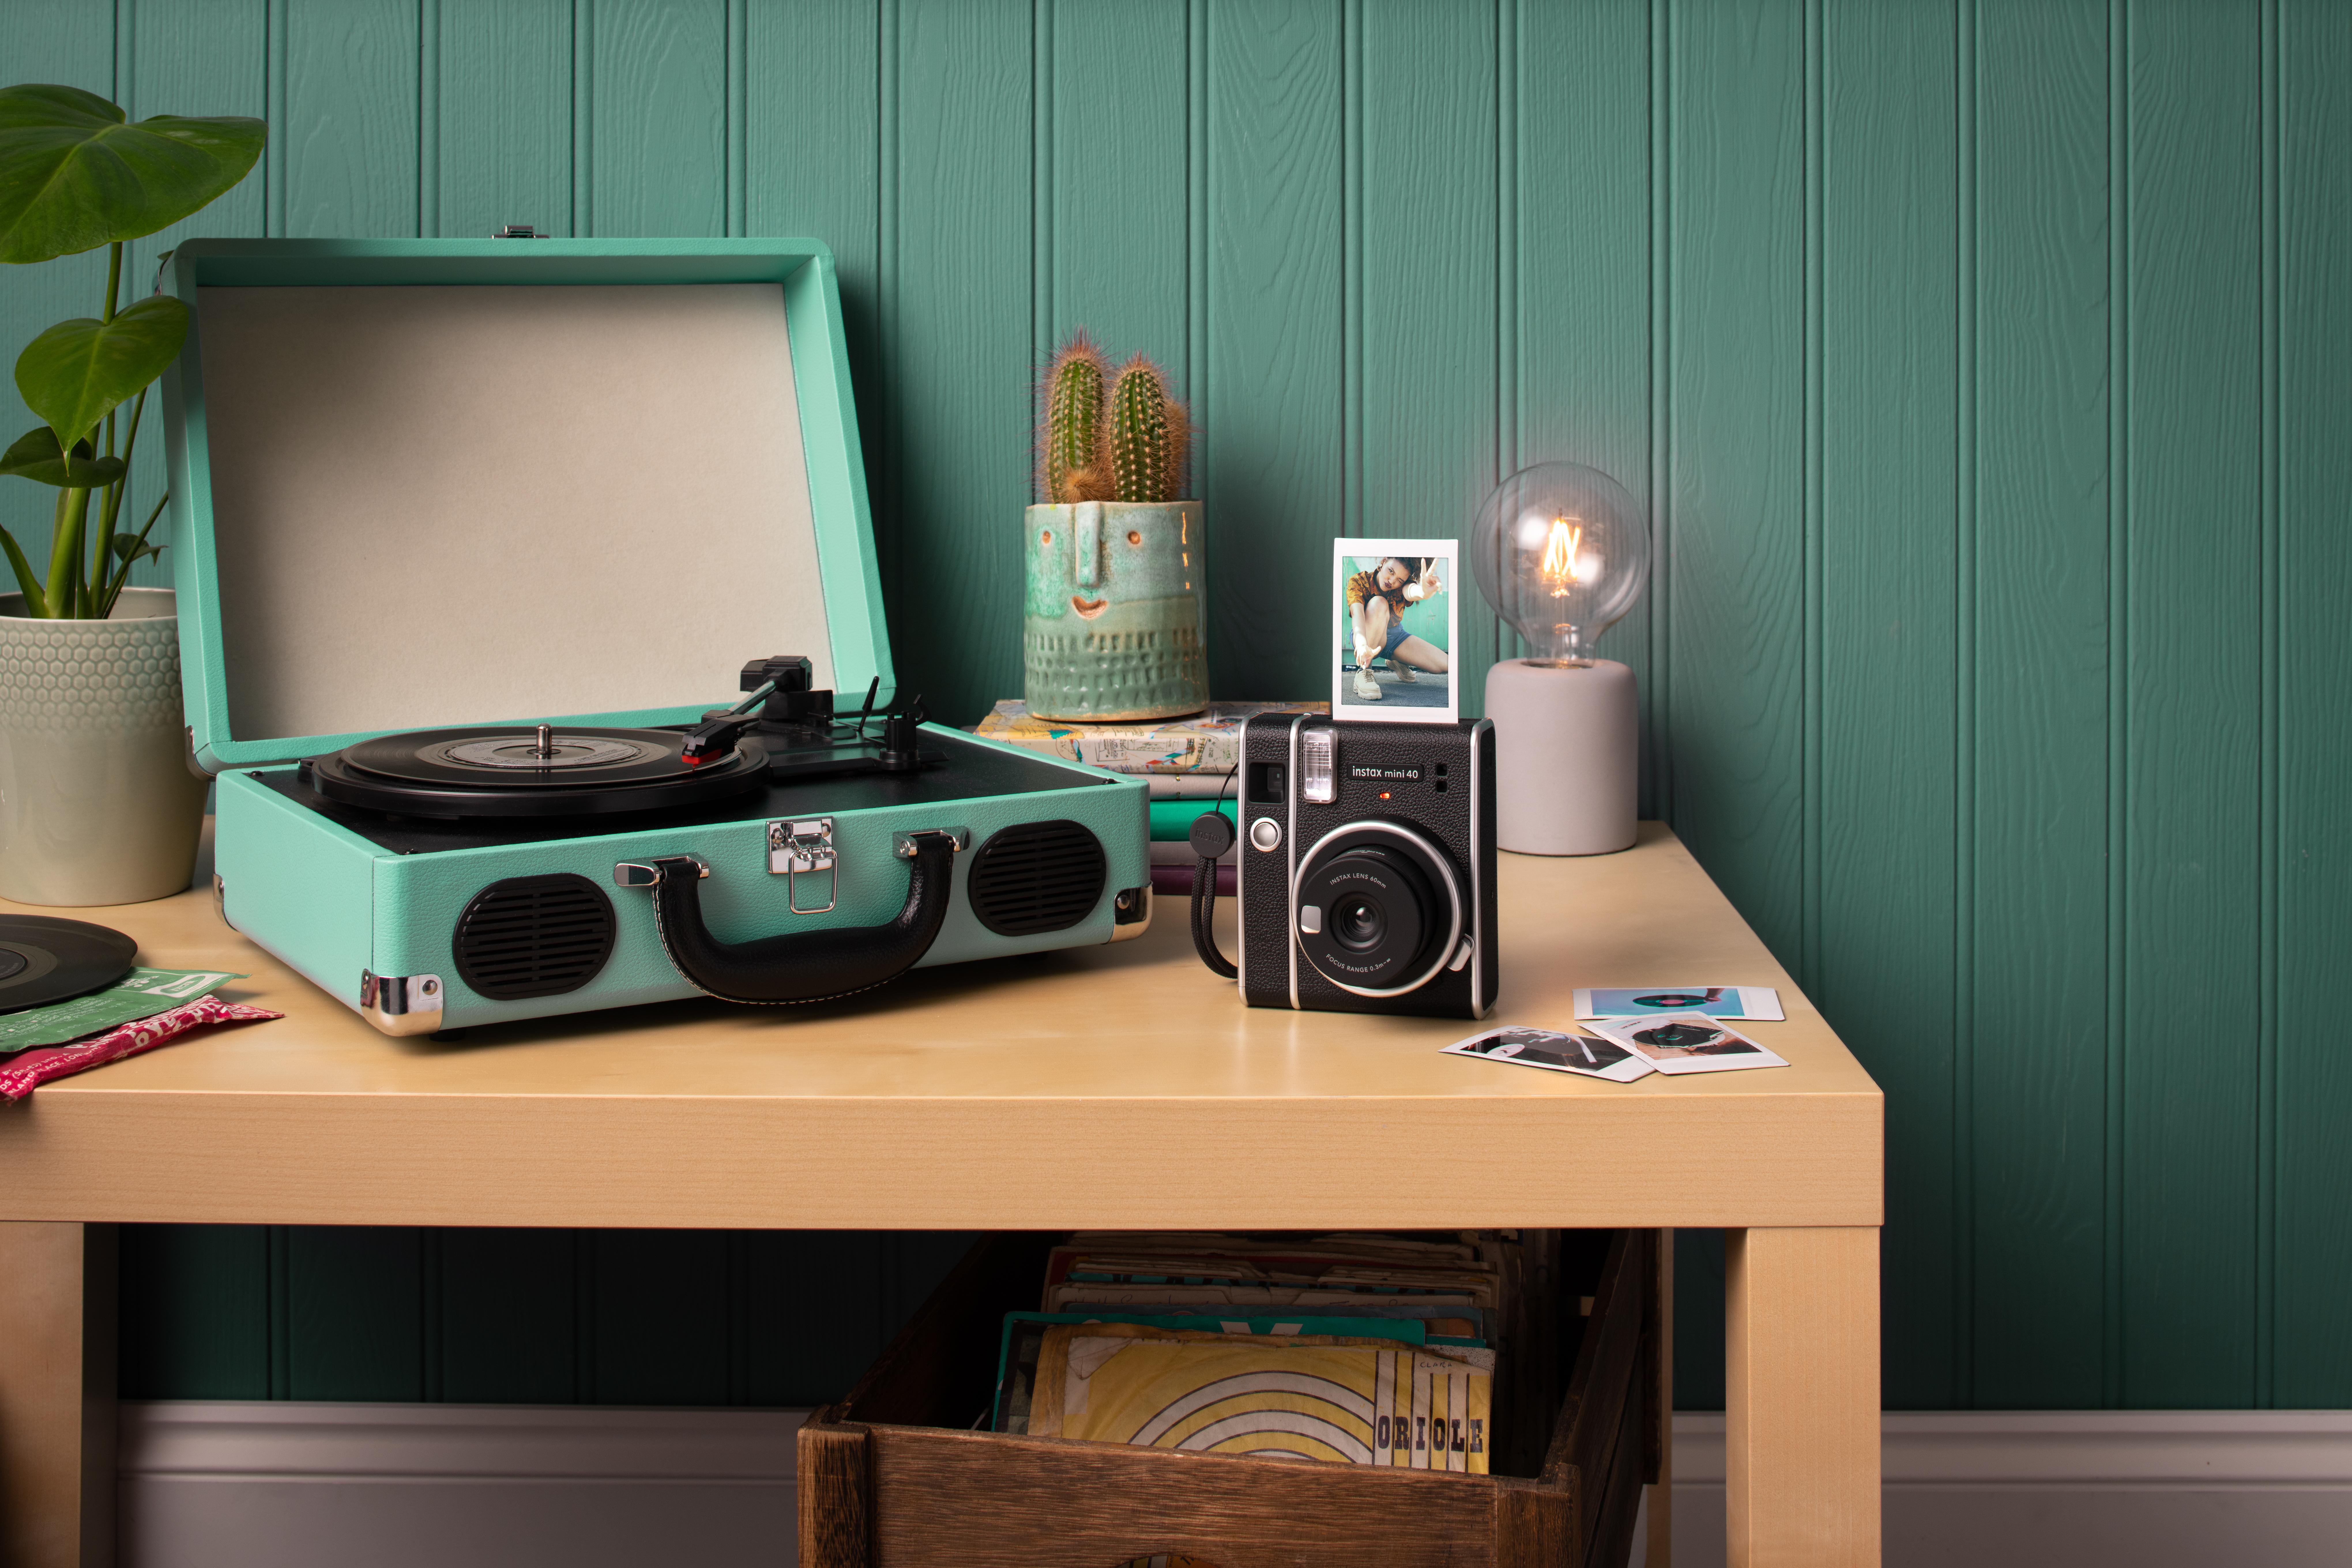 Instantní fotoaparát Fujifilm Instax Mini 40 na stole